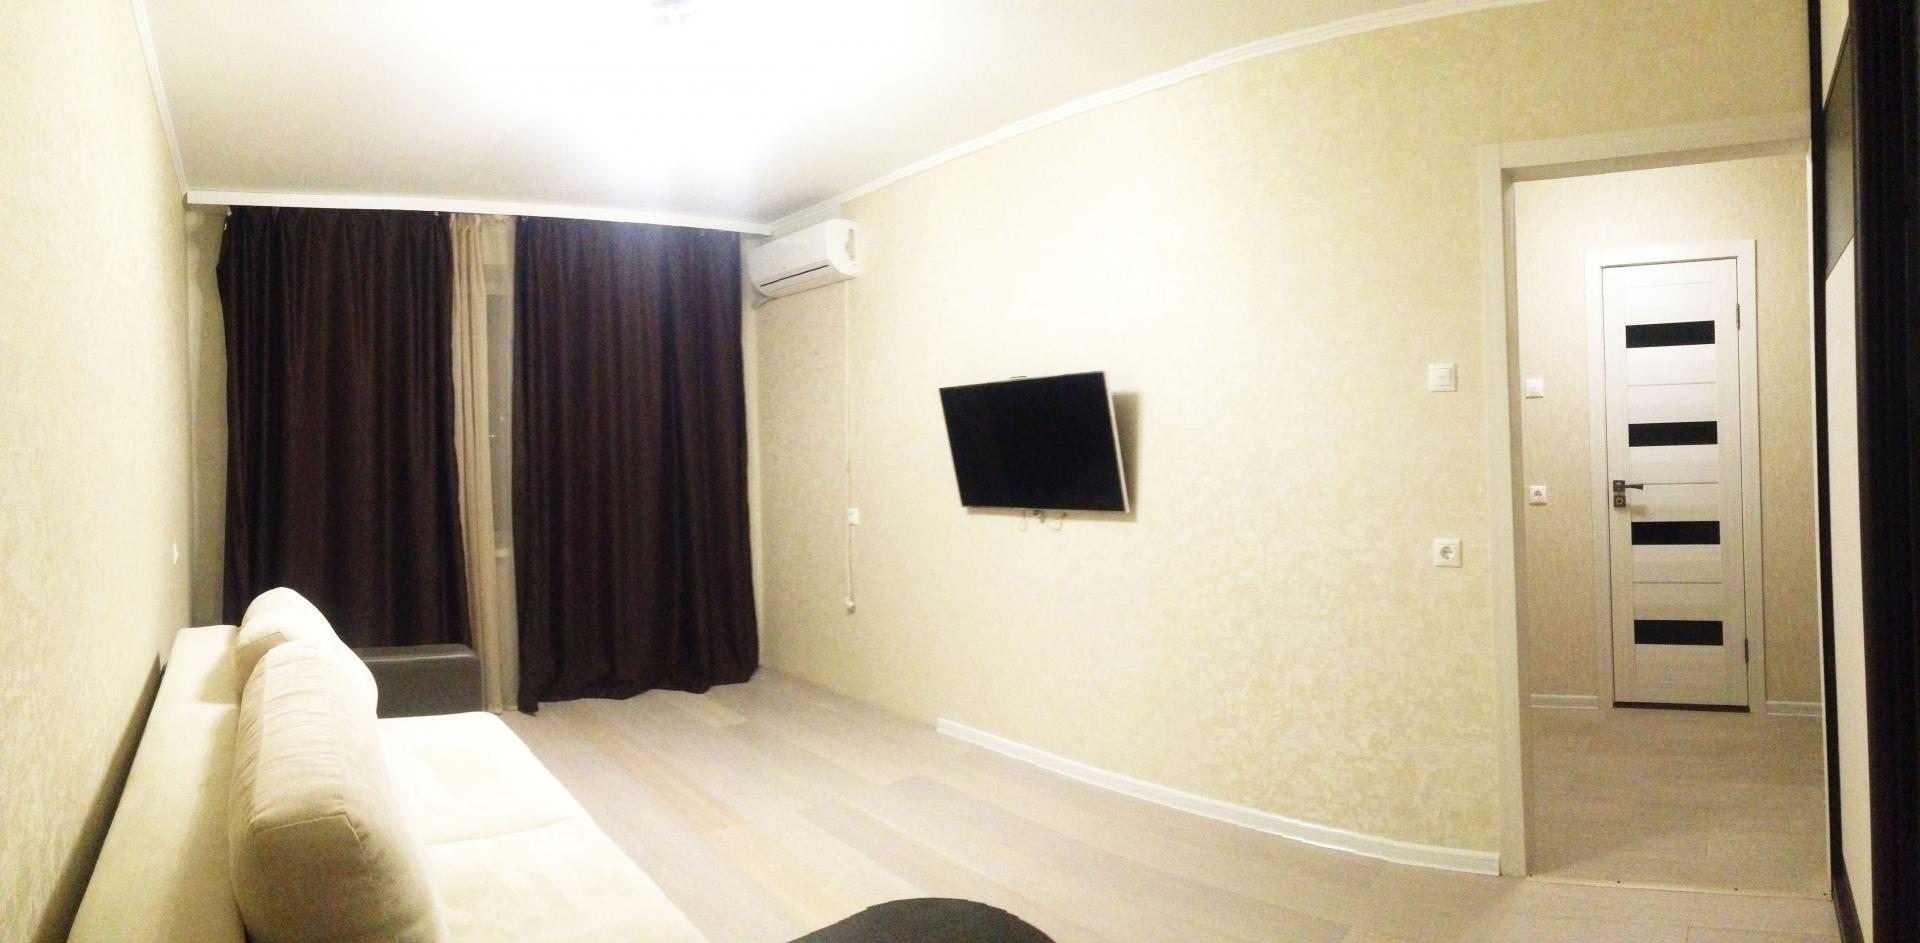 недвижимость купить 1 комнатную квартиру в хабаровске февраль 2016 лояльные методы